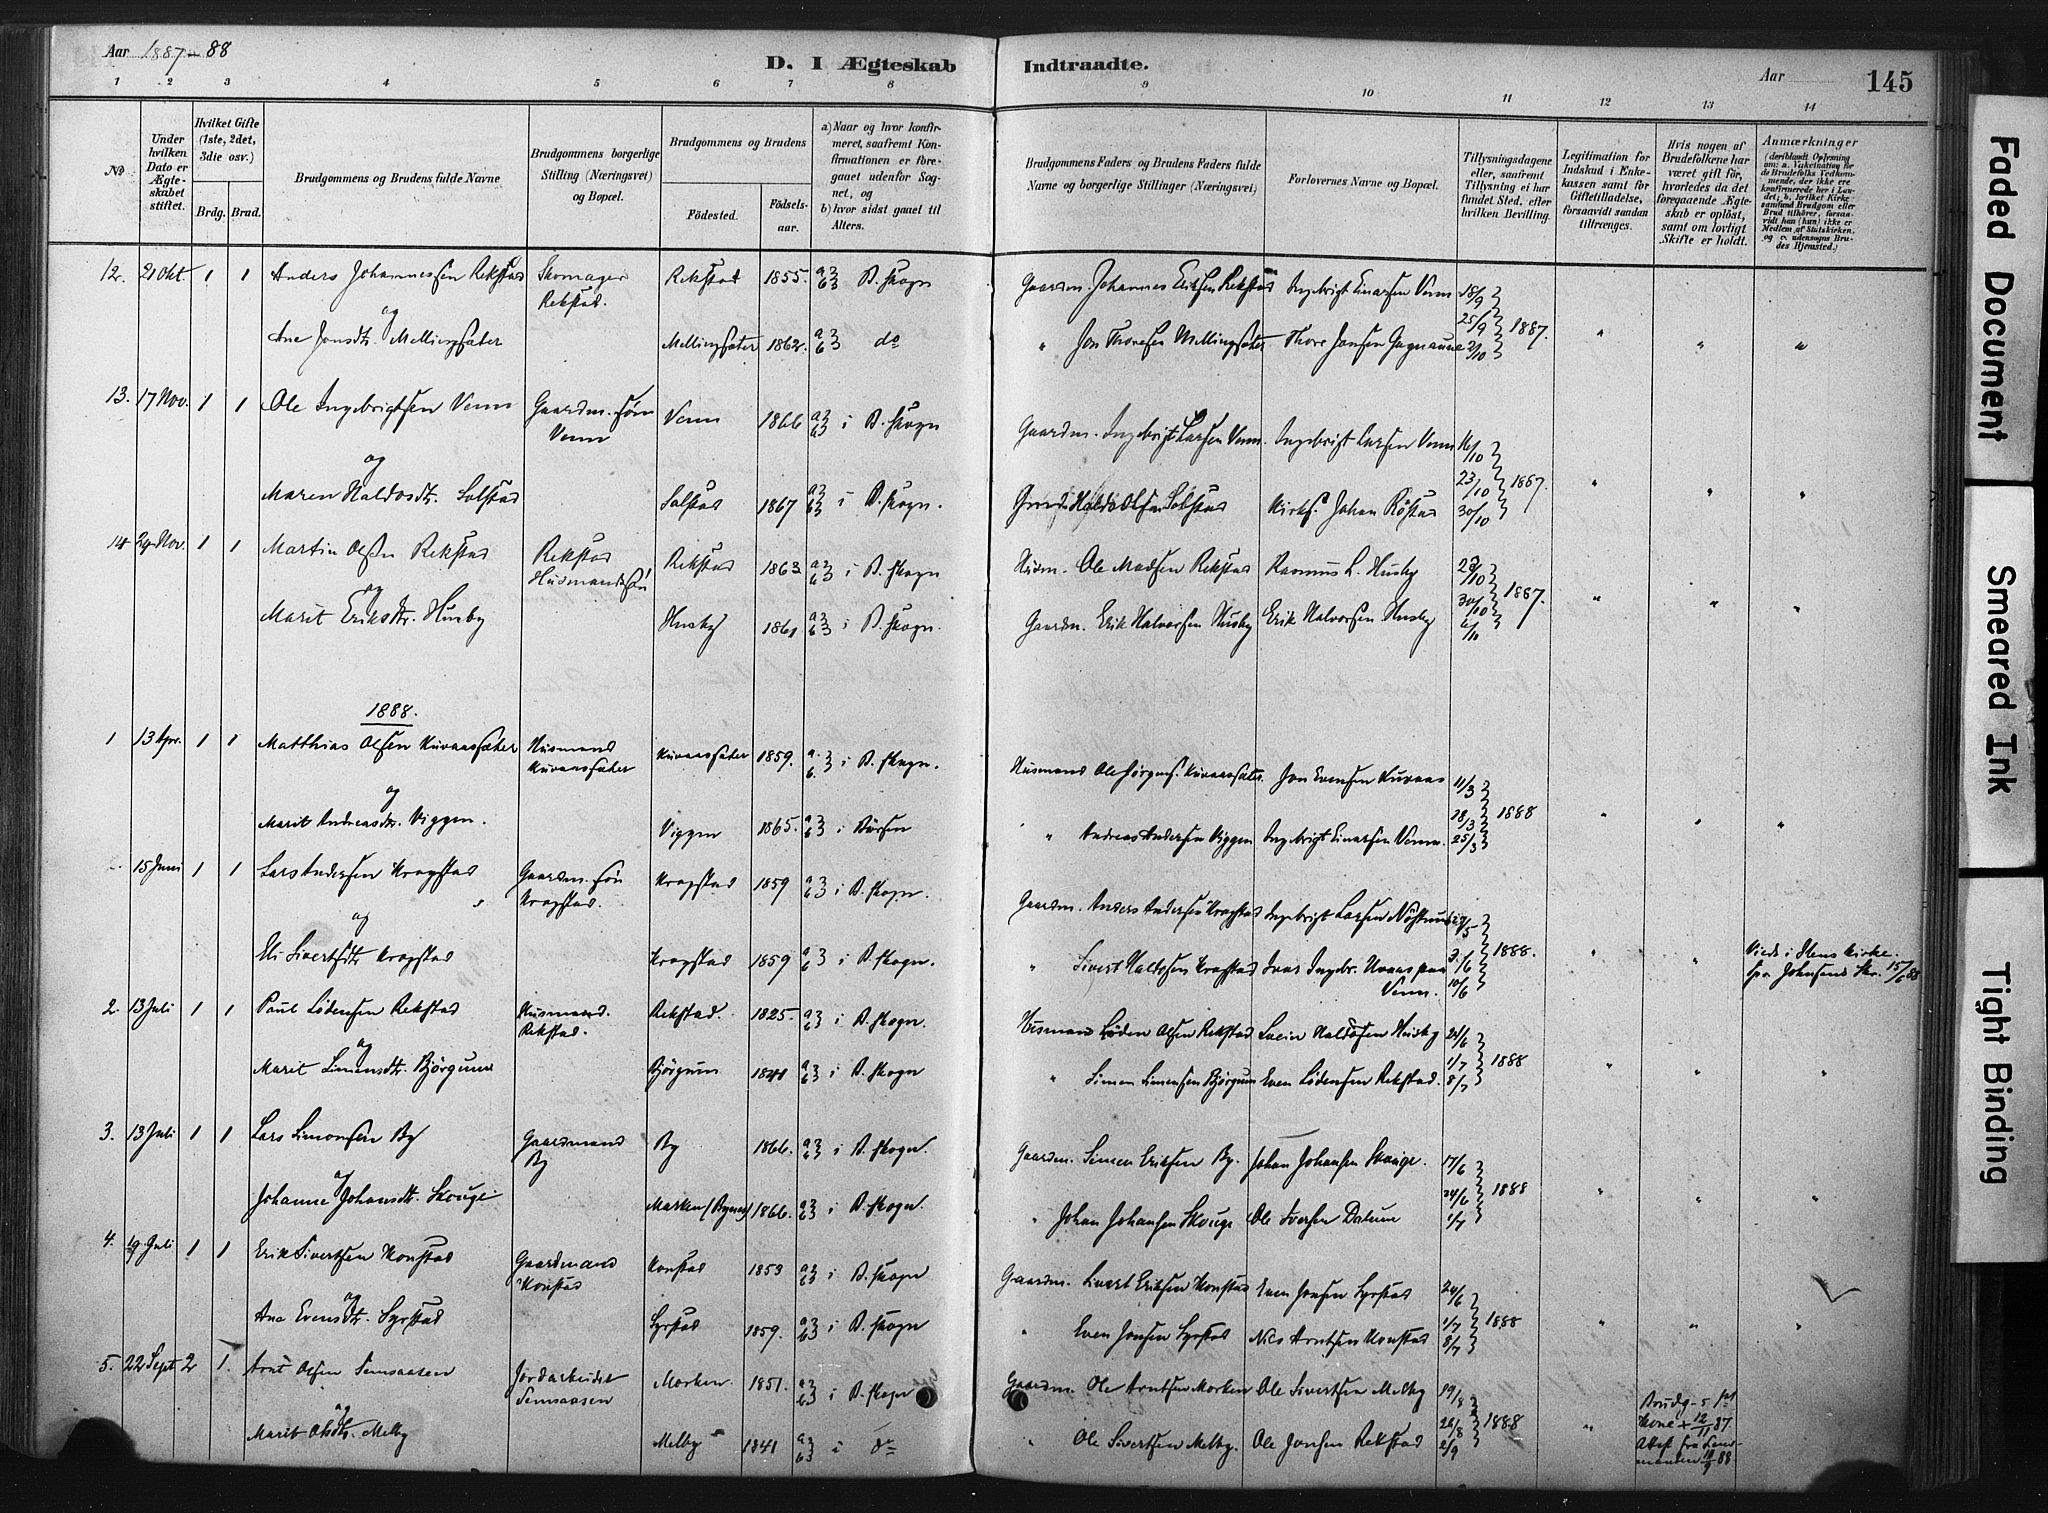 SAT, Ministerialprotokoller, klokkerbøker og fødselsregistre - Sør-Trøndelag, 667/L0795: Ministerialbok nr. 667A03, 1879-1907, s. 145